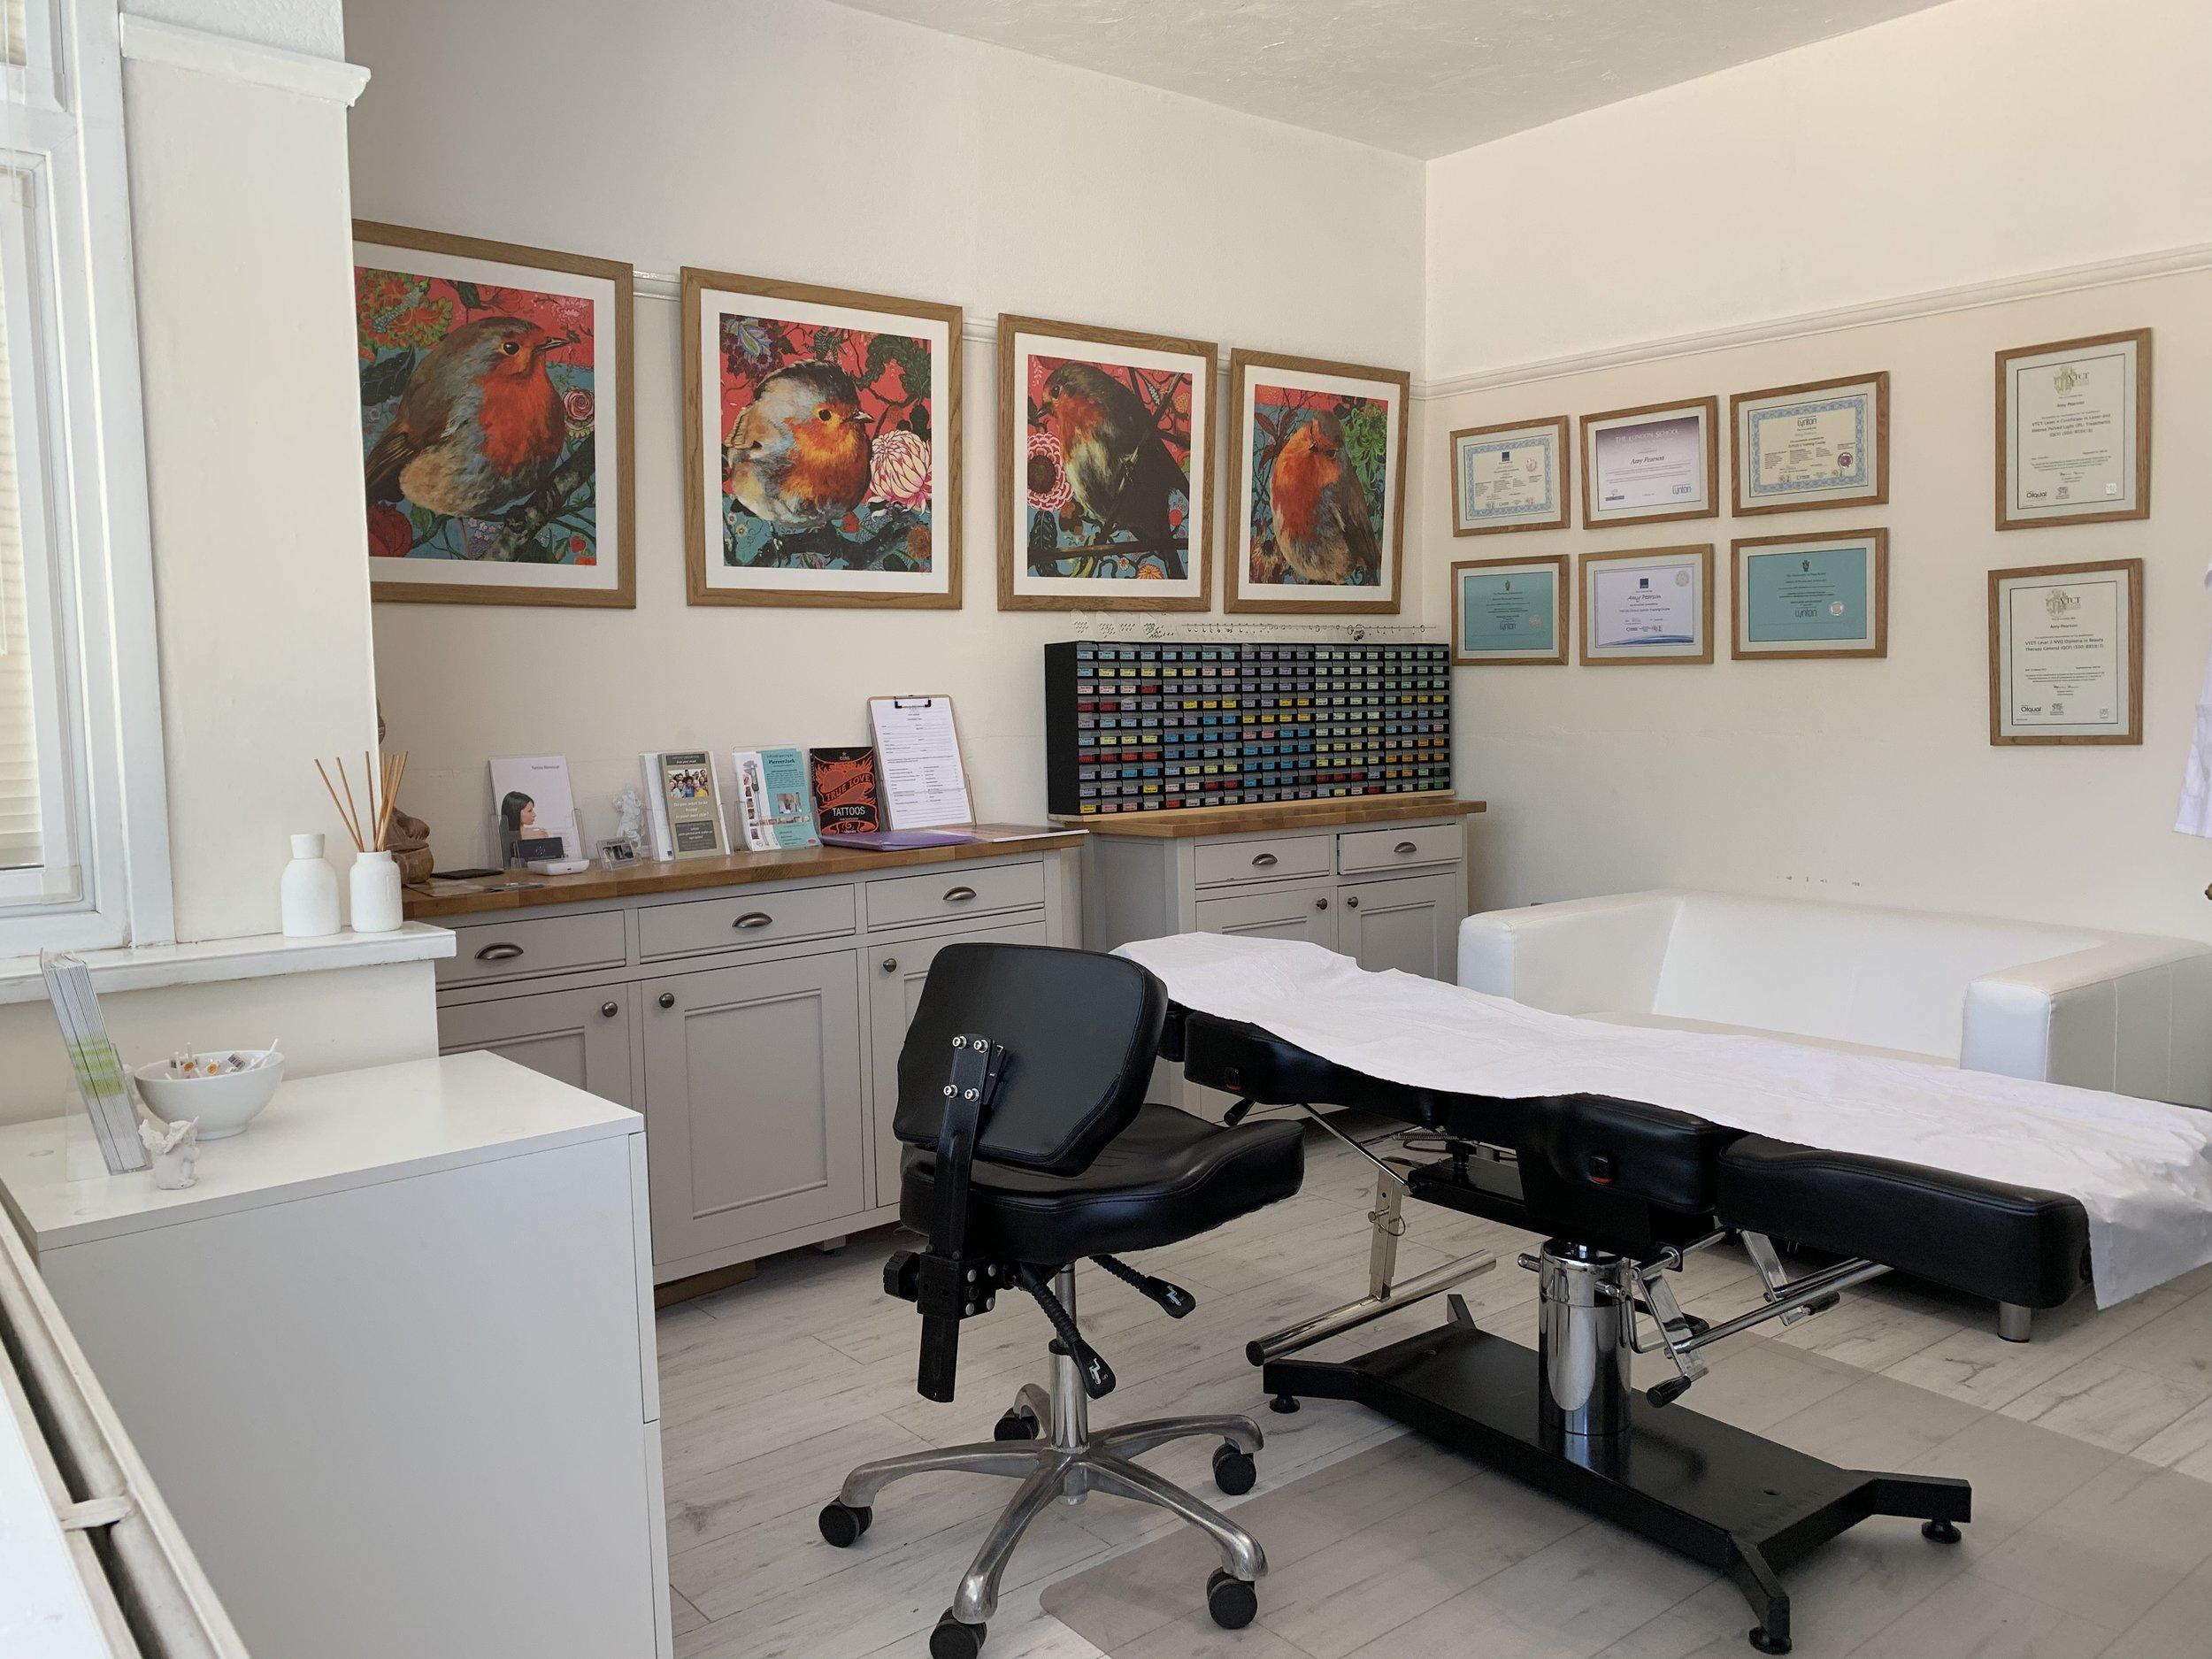 Our private studio